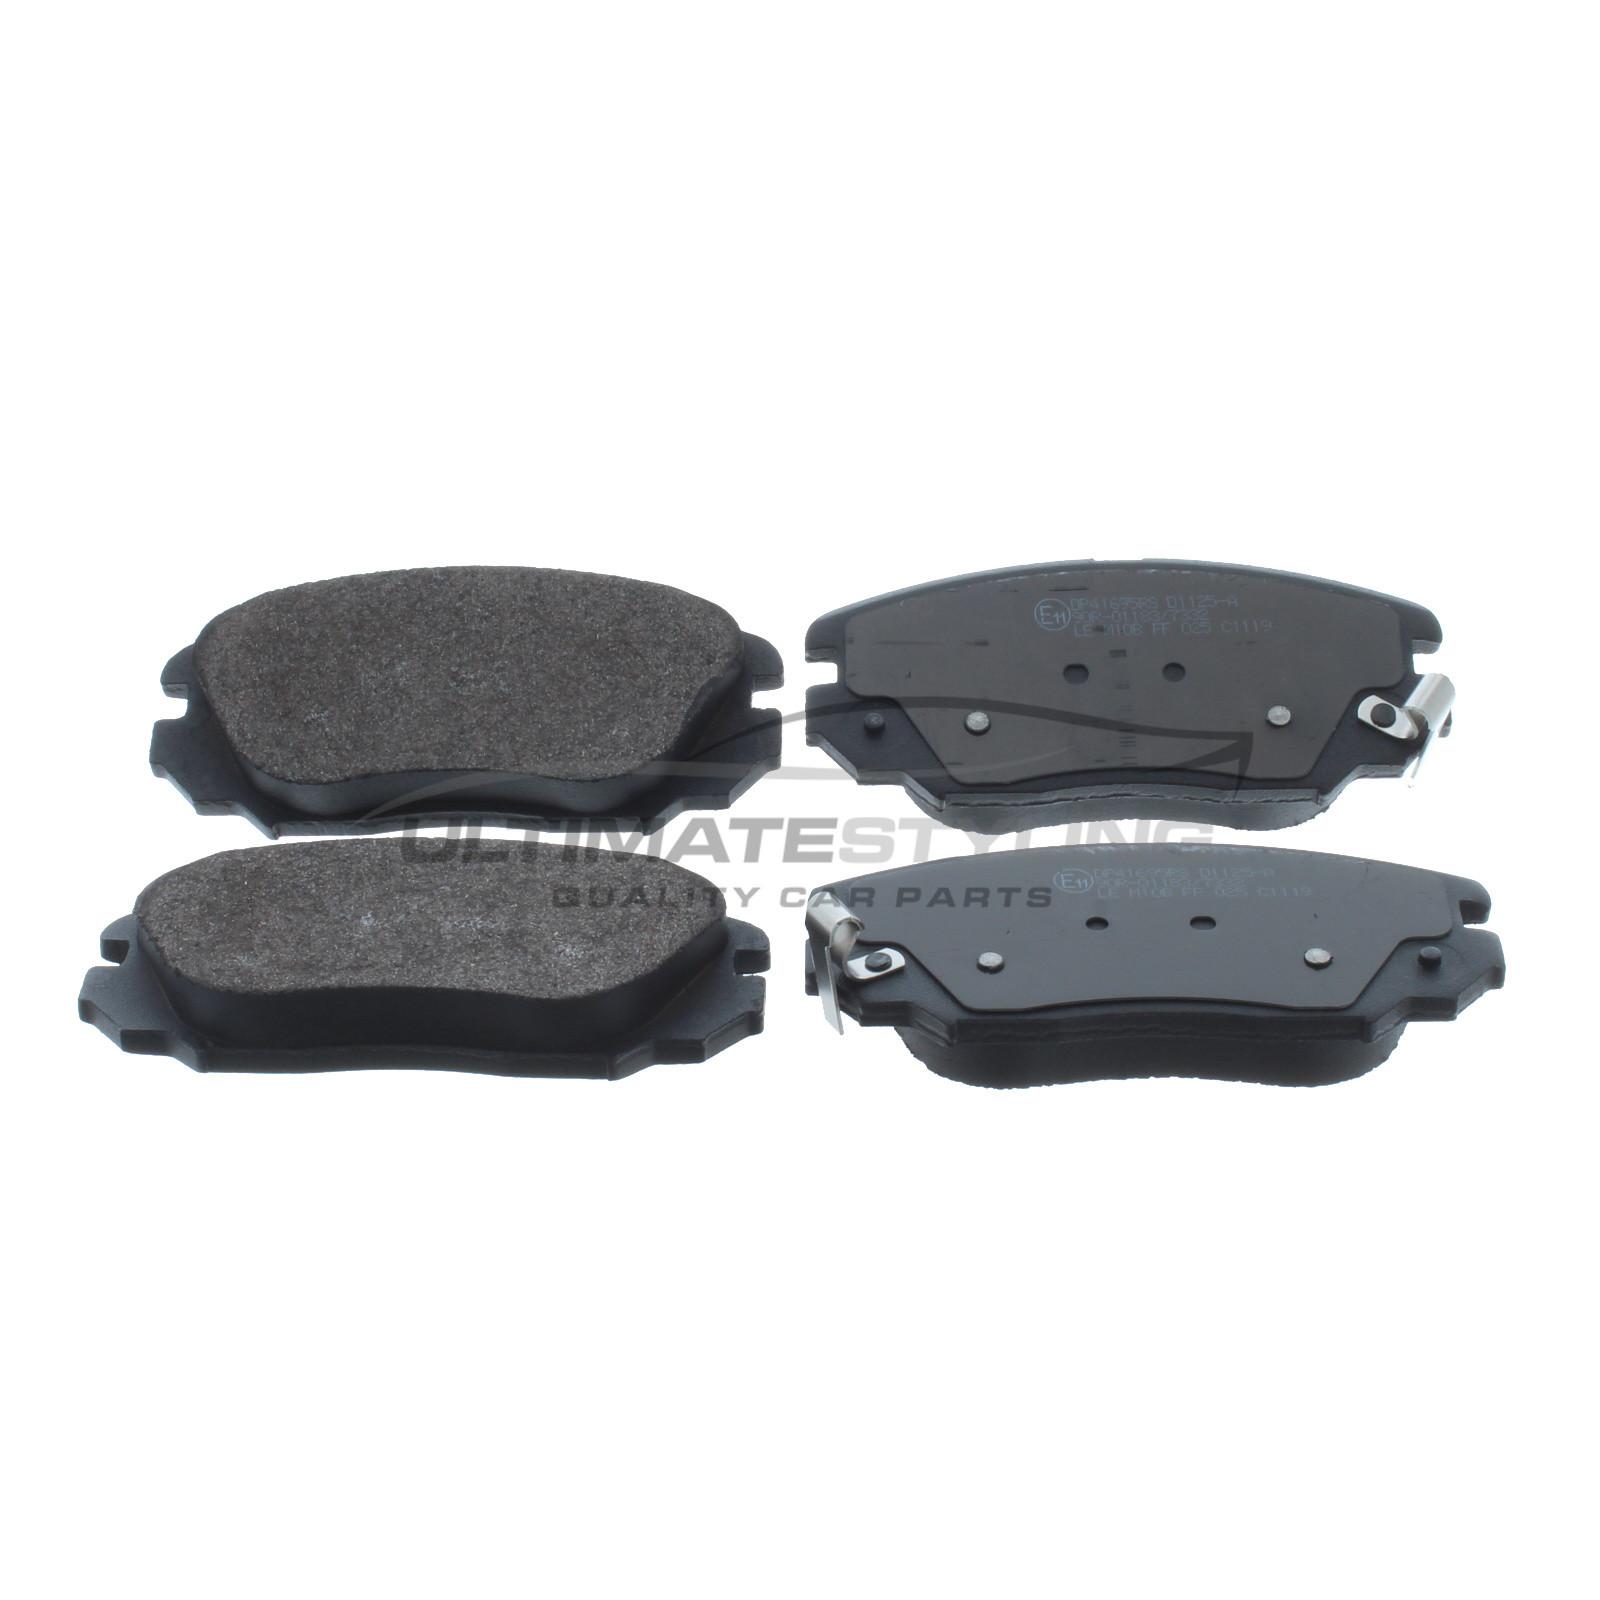 Brake Pads Front For Hyundai Grandeur Sonata Saab 9 5